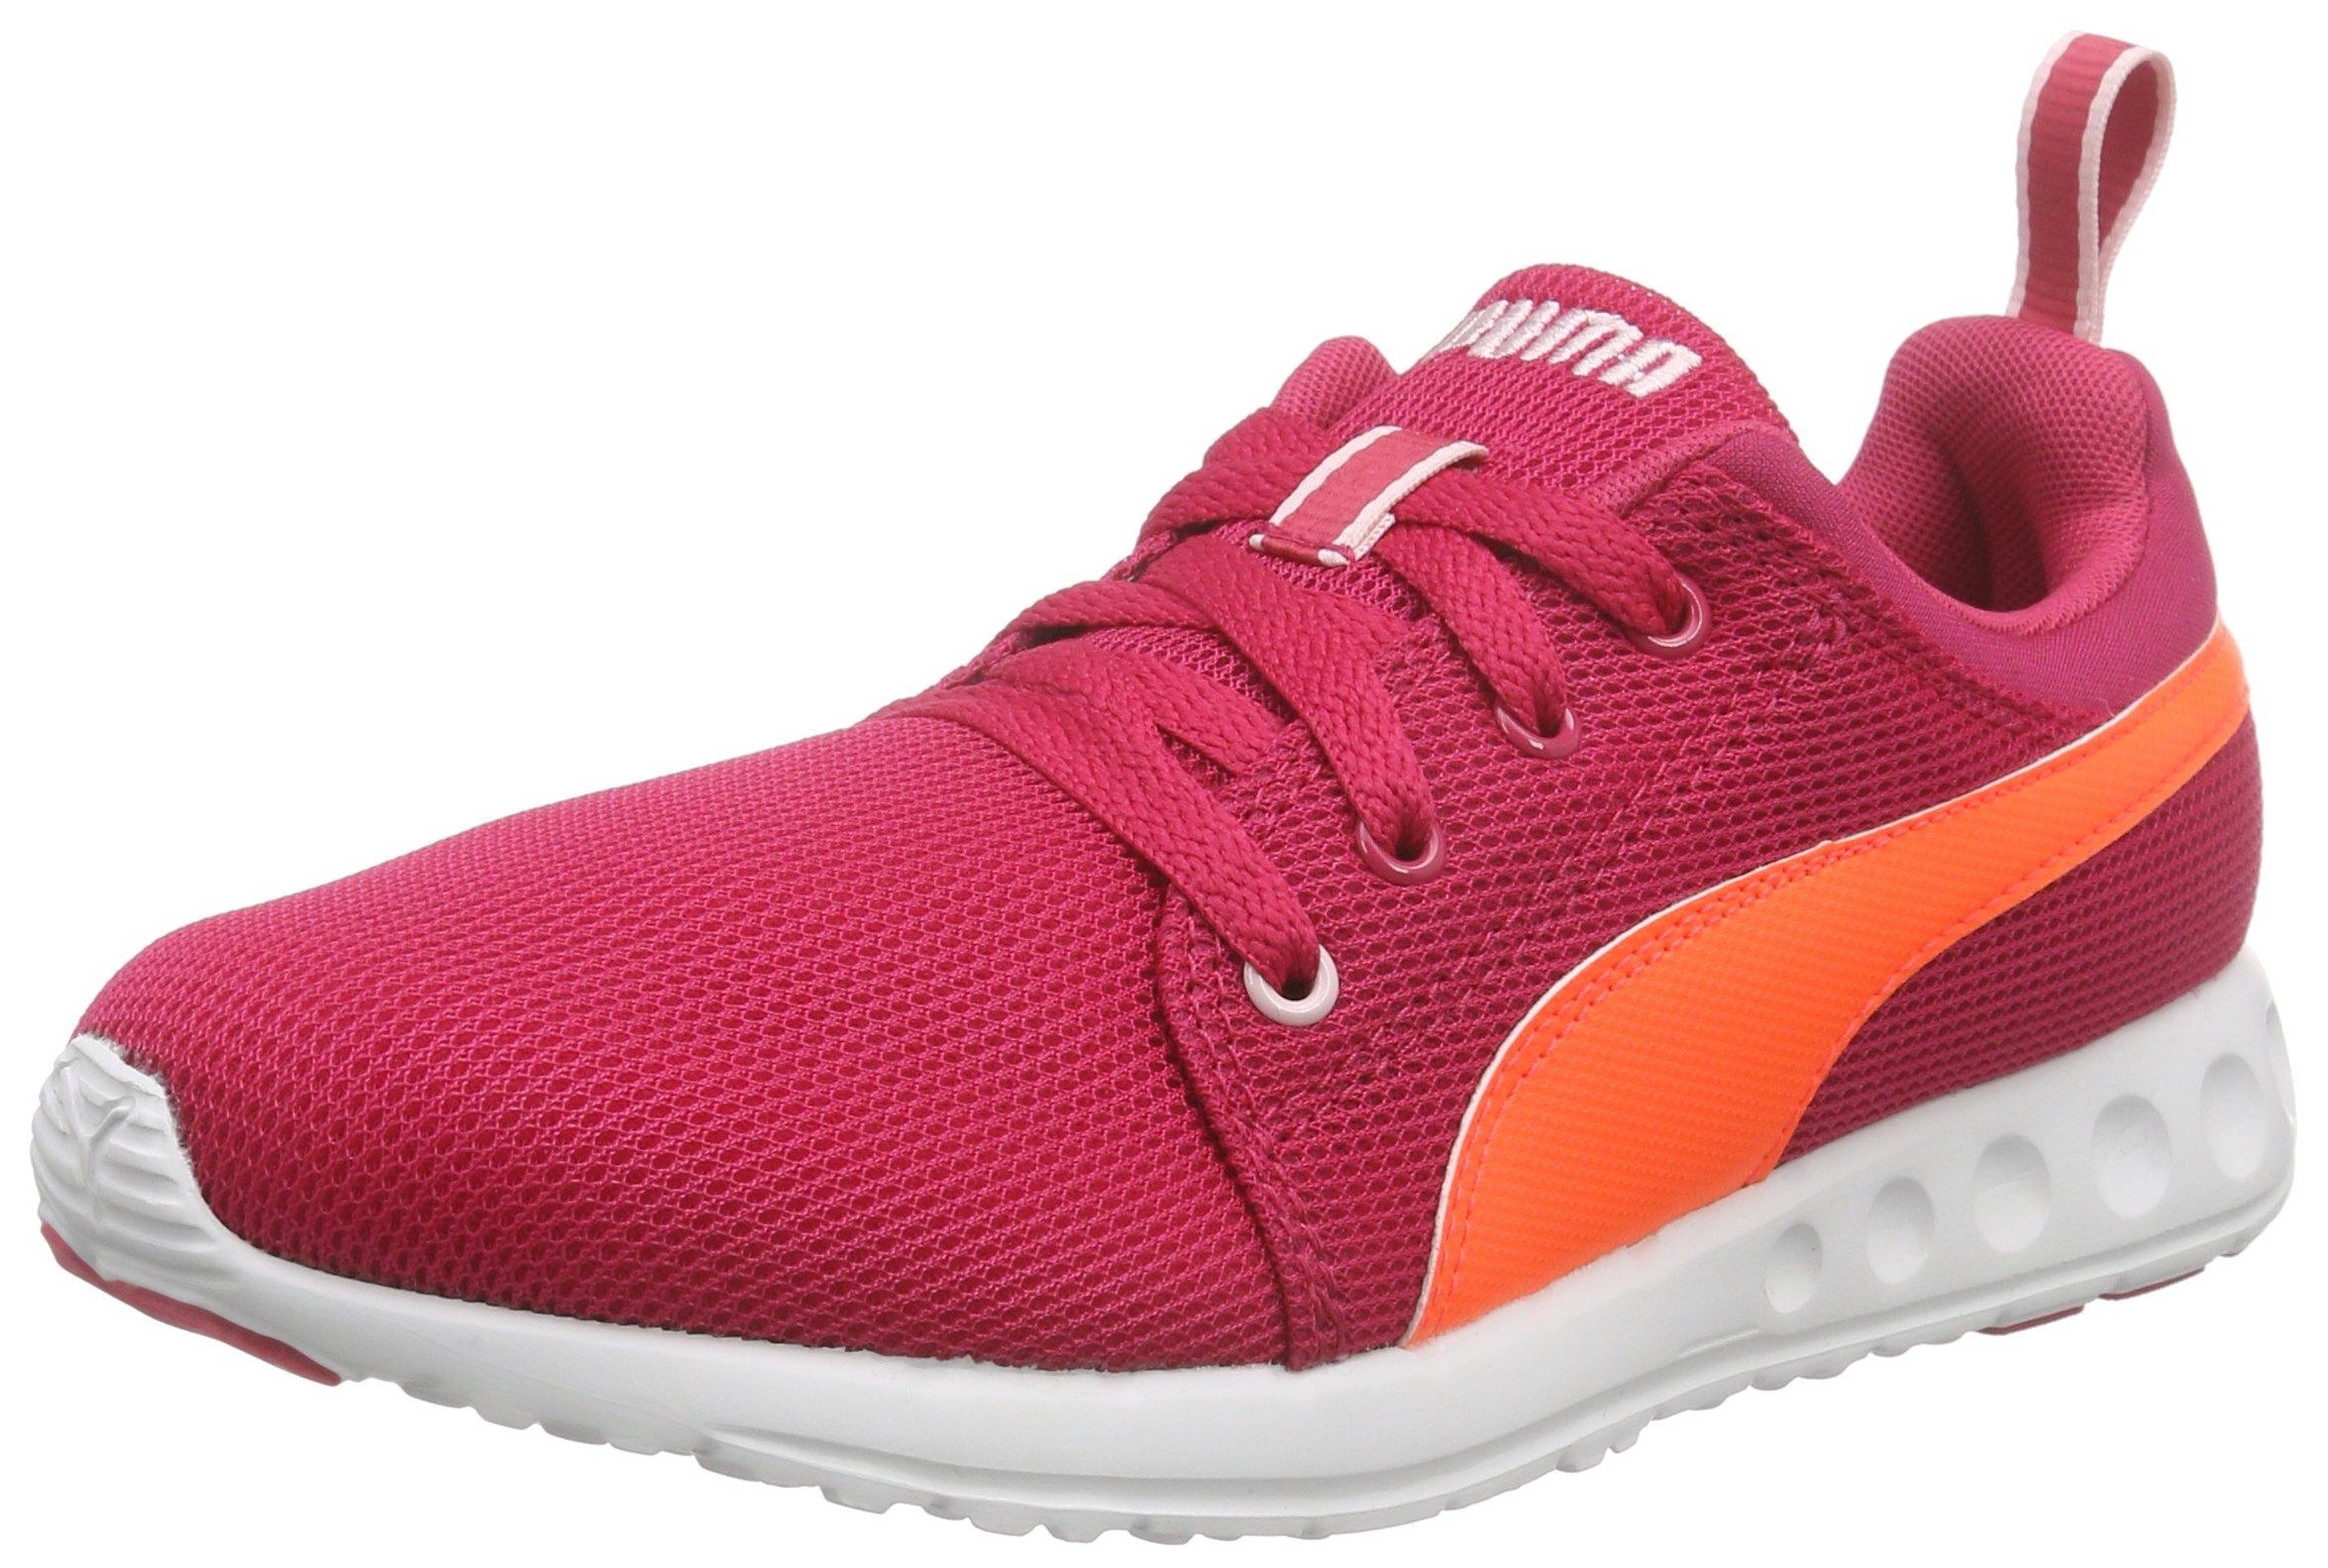 pink Red Peach Eu Puma Dogwood 1336 fluo Femmerose Wn'sChaussures De Course Carson Runner gy76Ybf